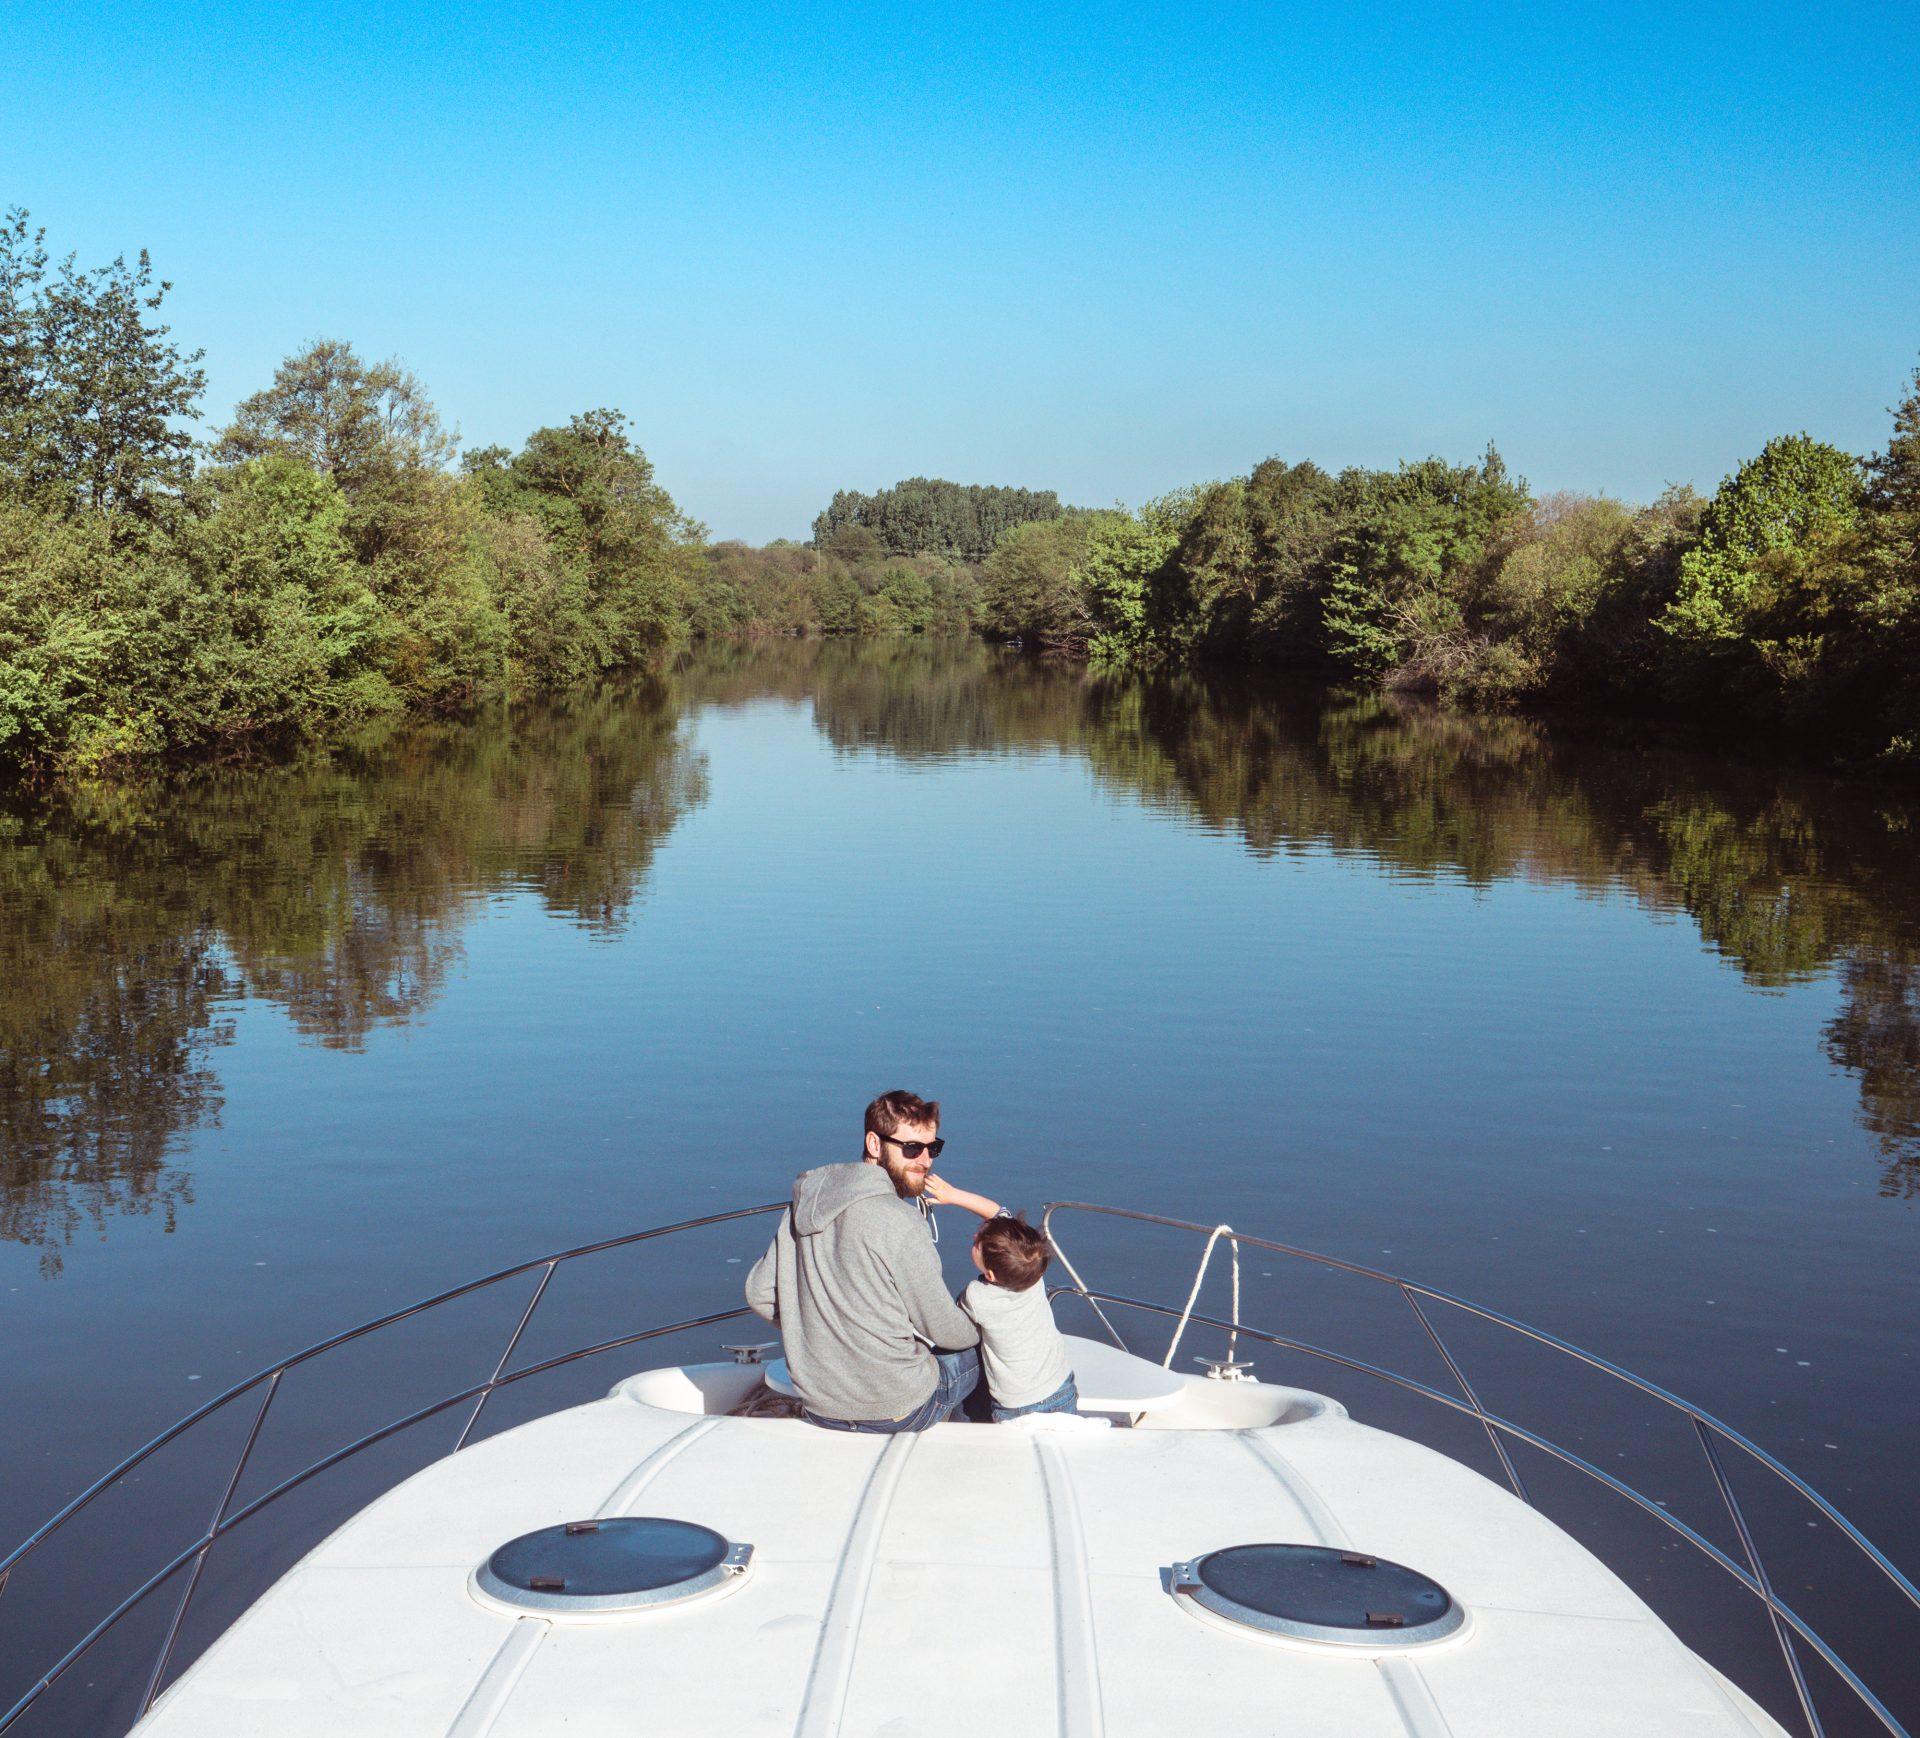 croisière fluviale vallée de la Sarthe en bateau de location sans permis